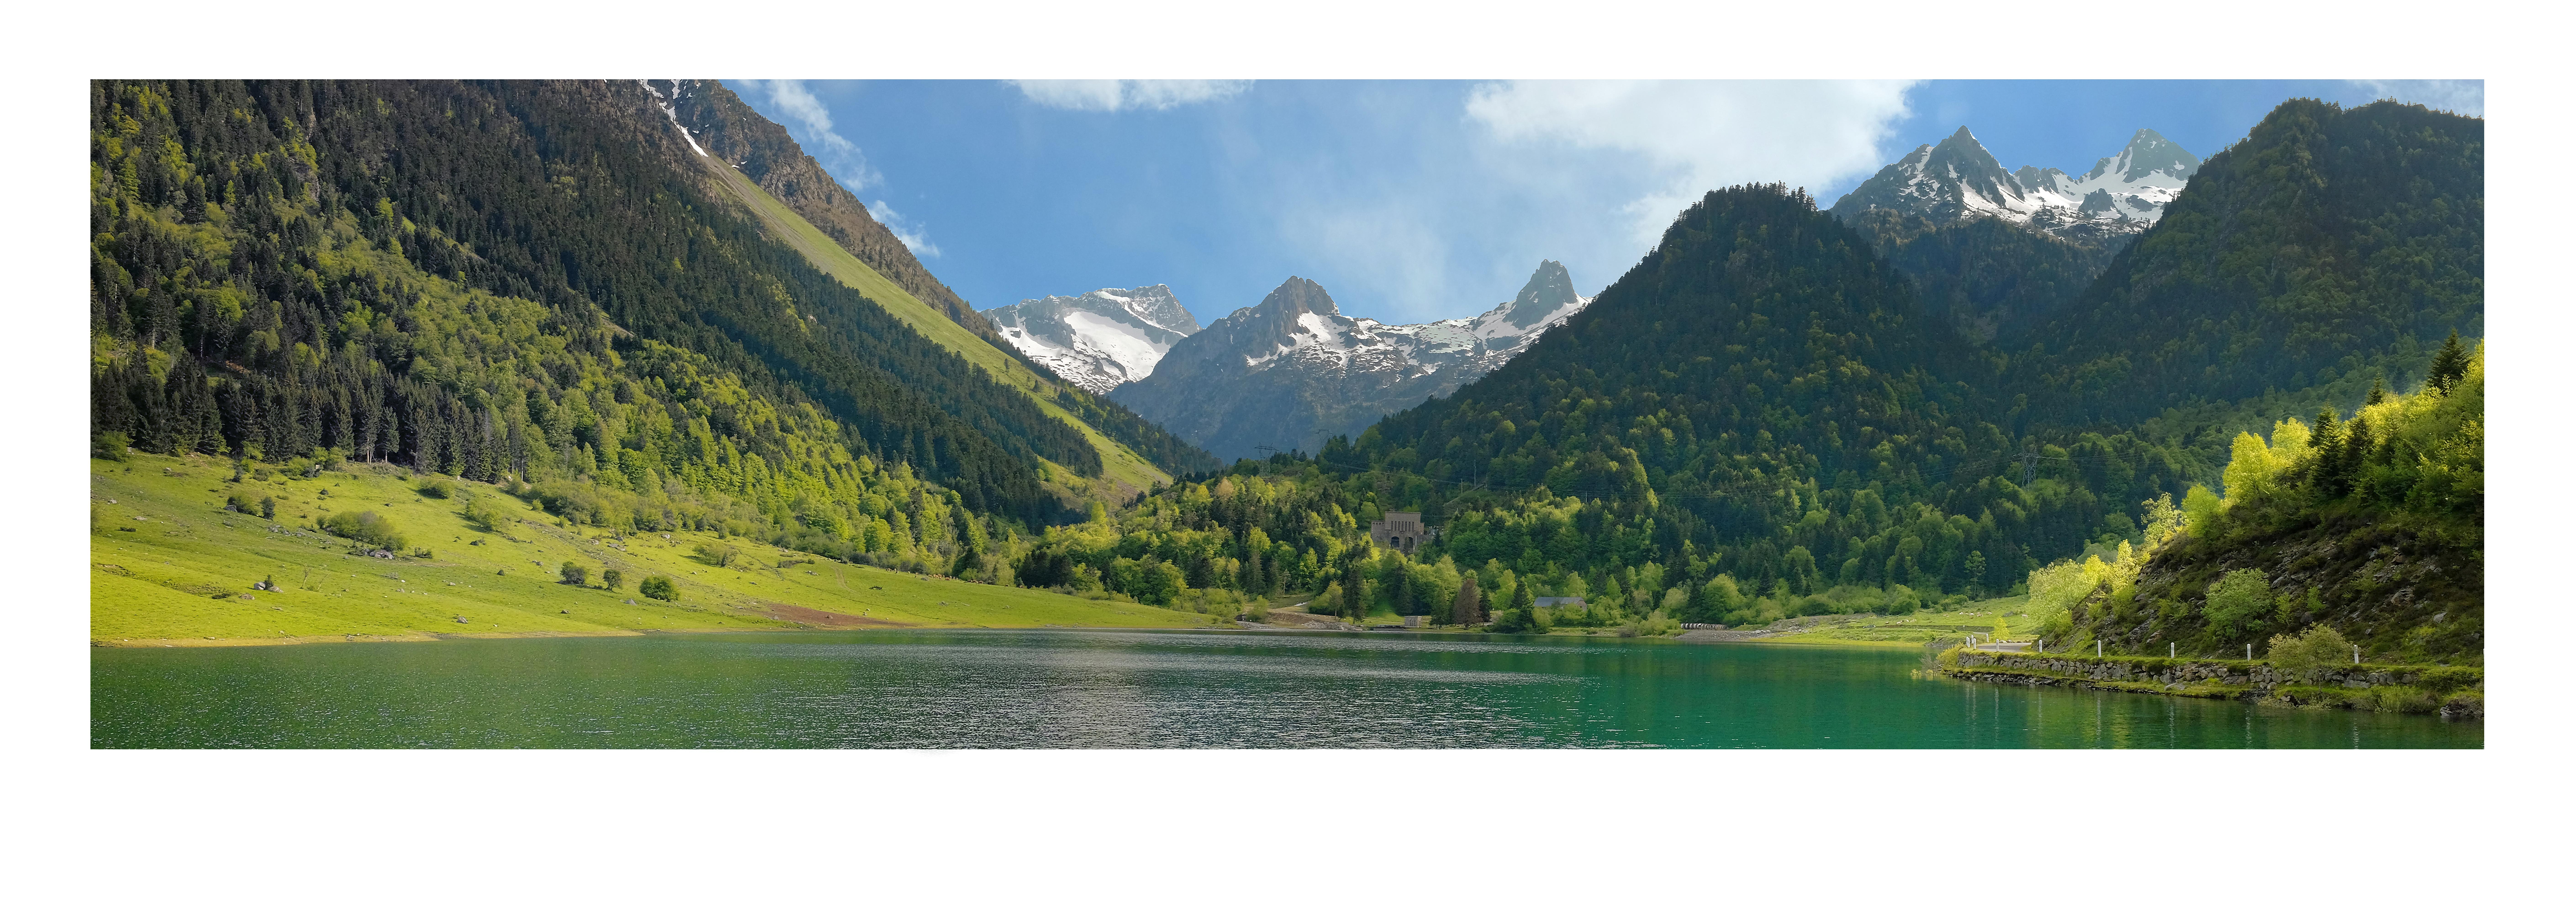 Lac du Tech ref: P04